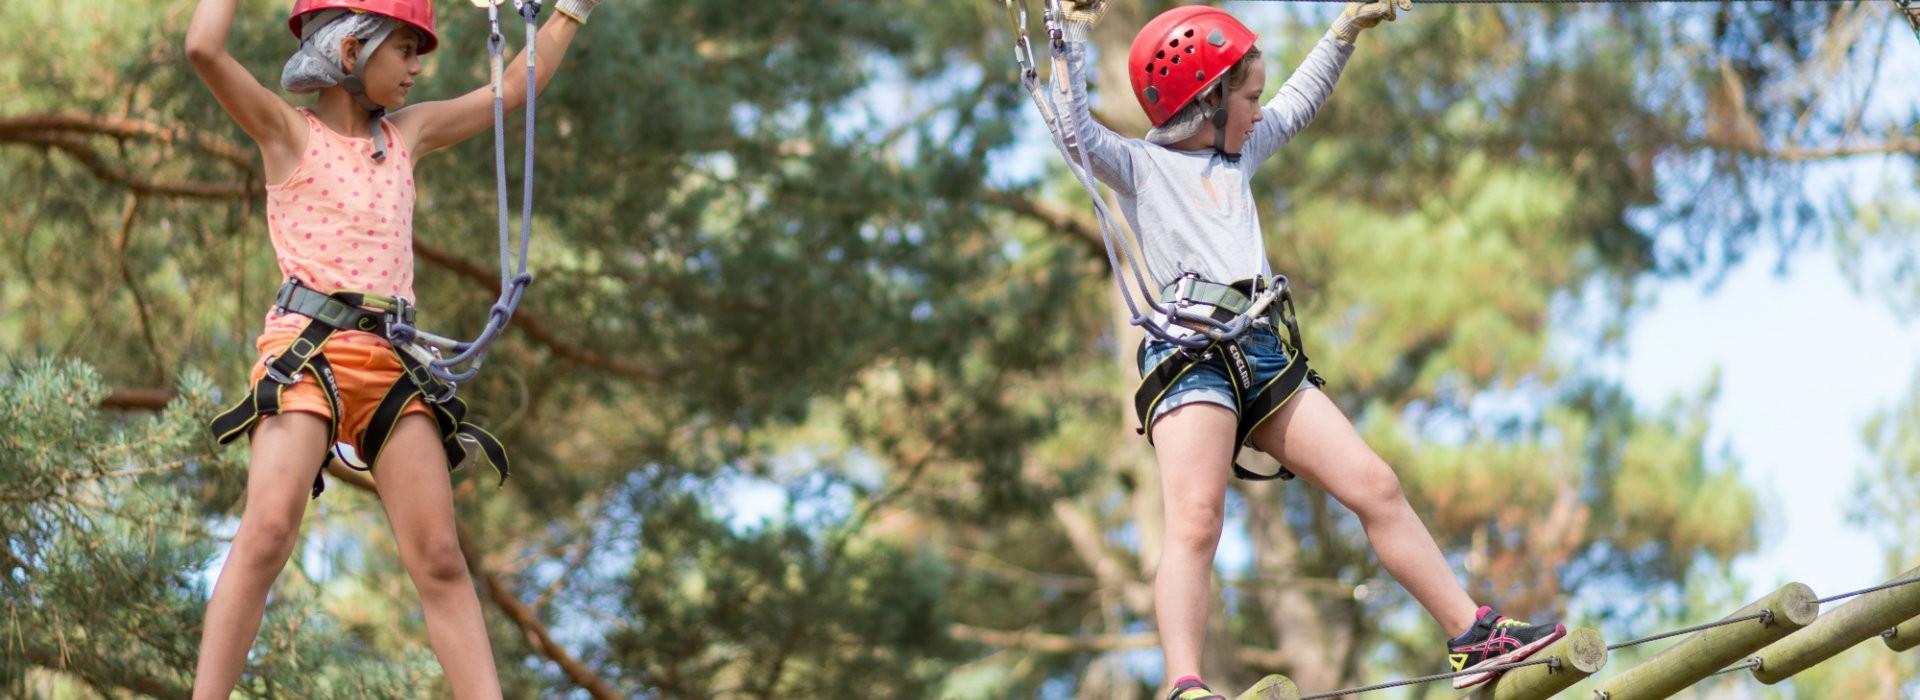 Parcs de loisirs accrobranches et escalade -Emmanuel Berthier - CRT Bretagne